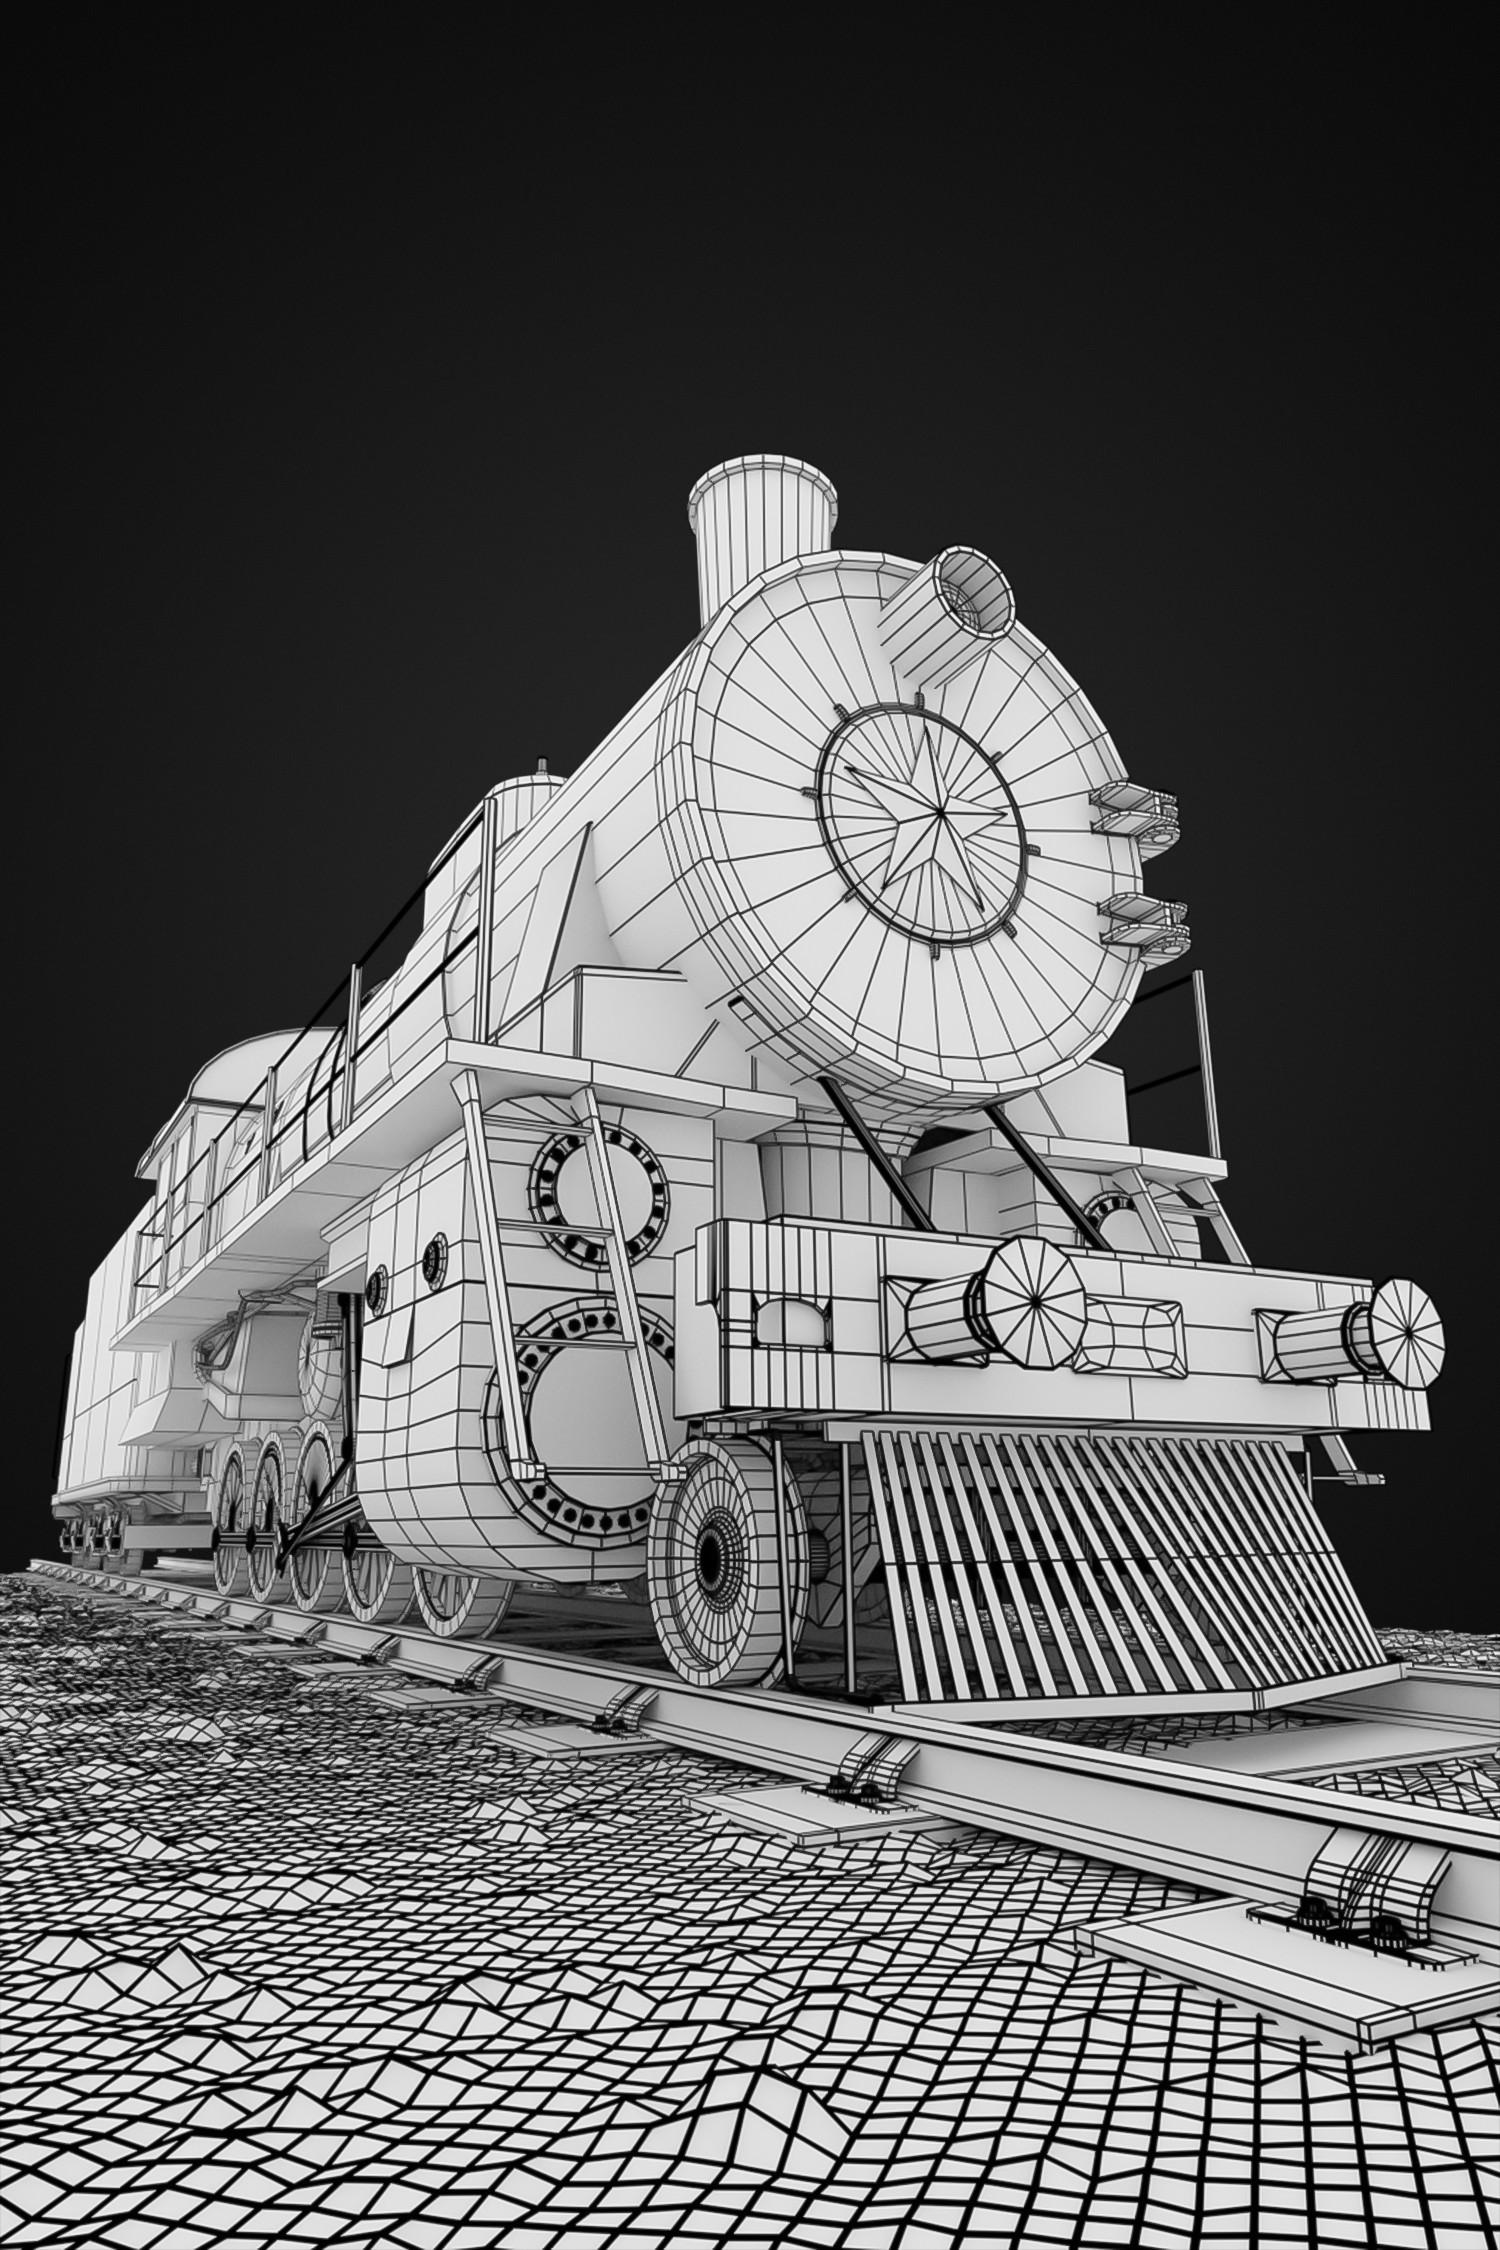 Ewa wierbik lokomotywa1 wireframe